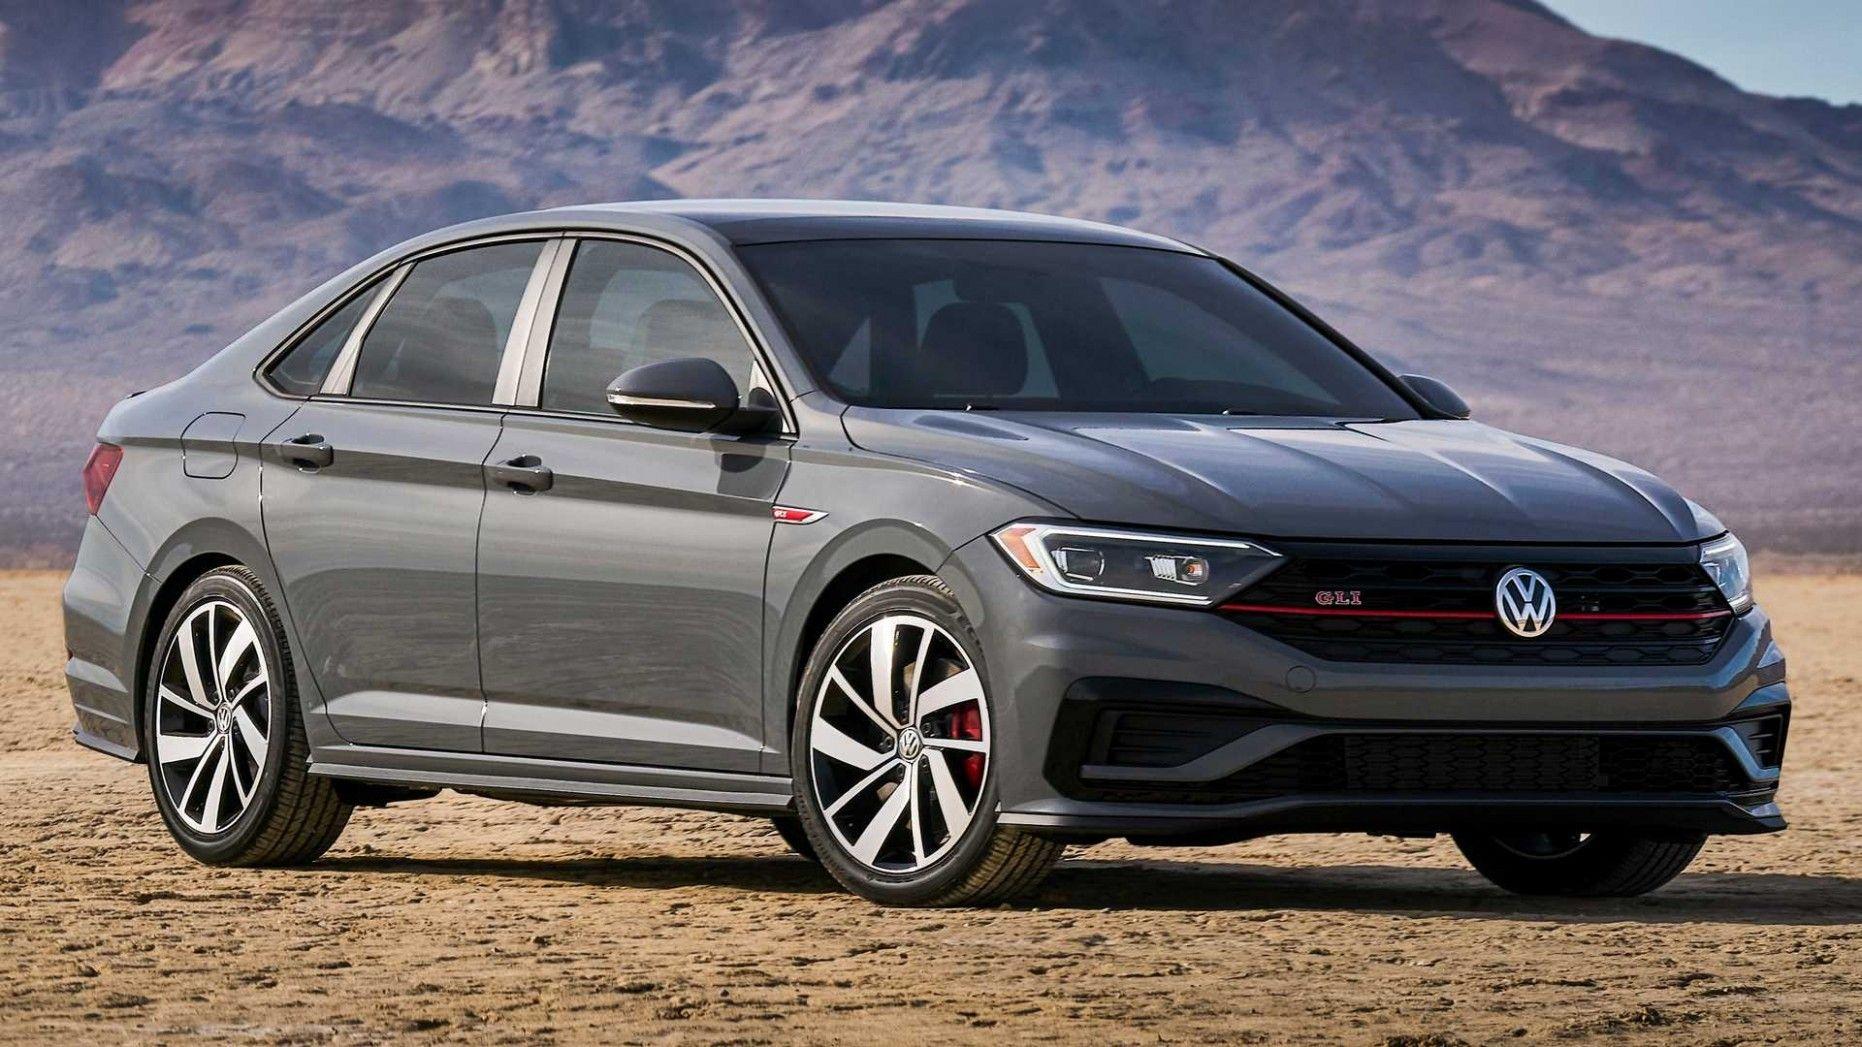 2021 VW Jetta Tdi Gli Pricing